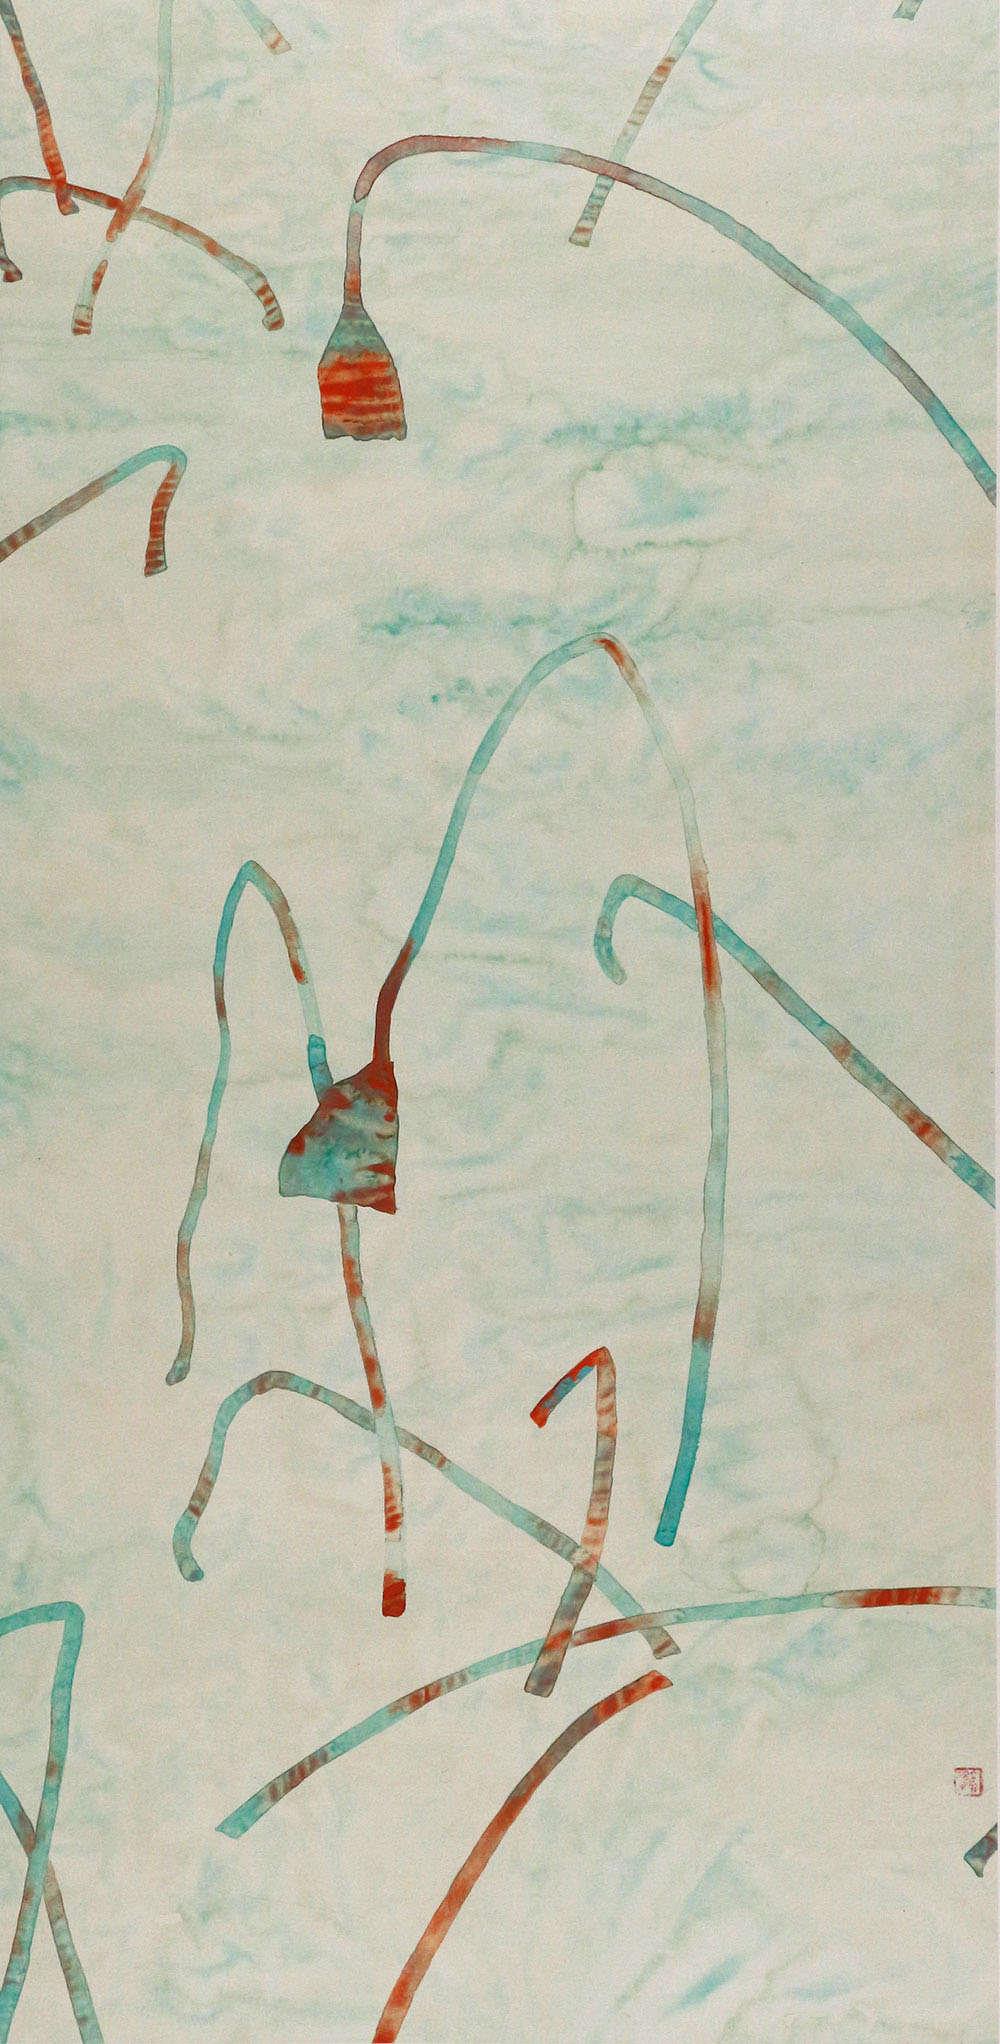 中国美术家协会会员 中央美术学院版画系教授 刘丽萍 花鸟 国画